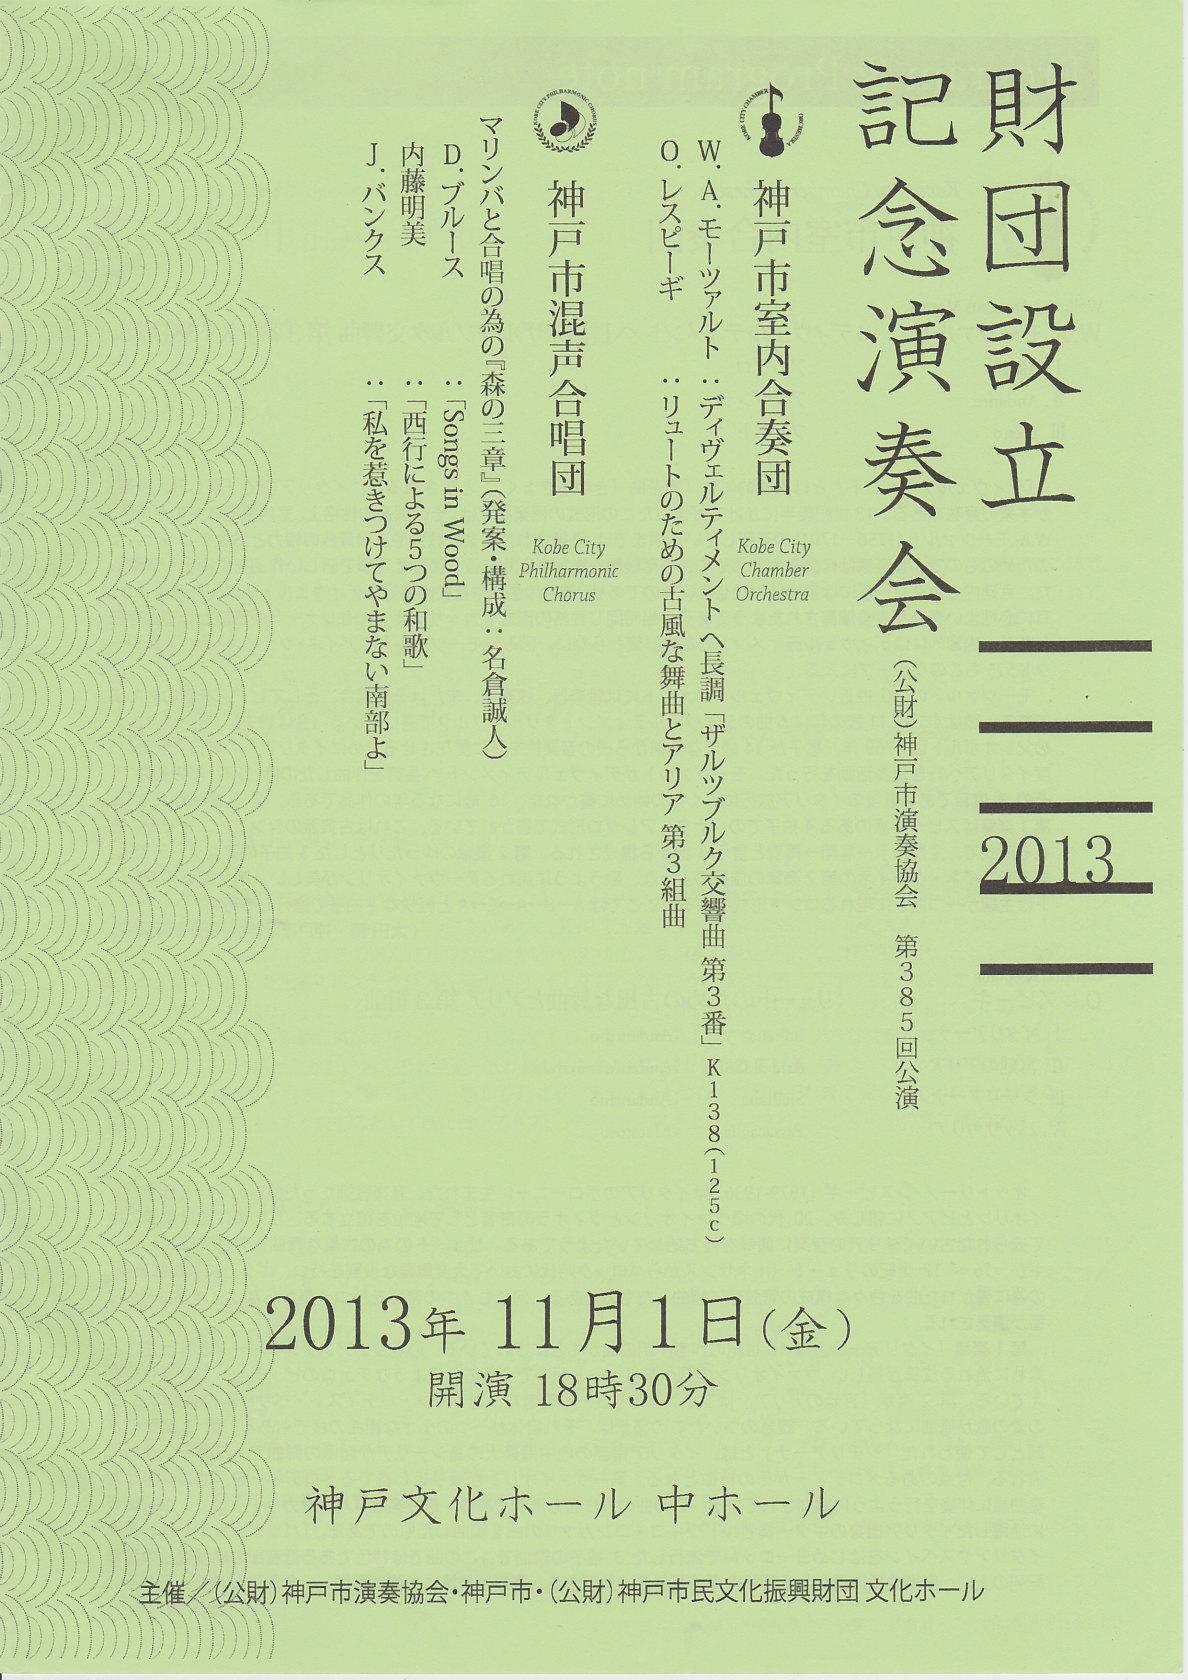 本日も神戸文化ホールでコンサー...